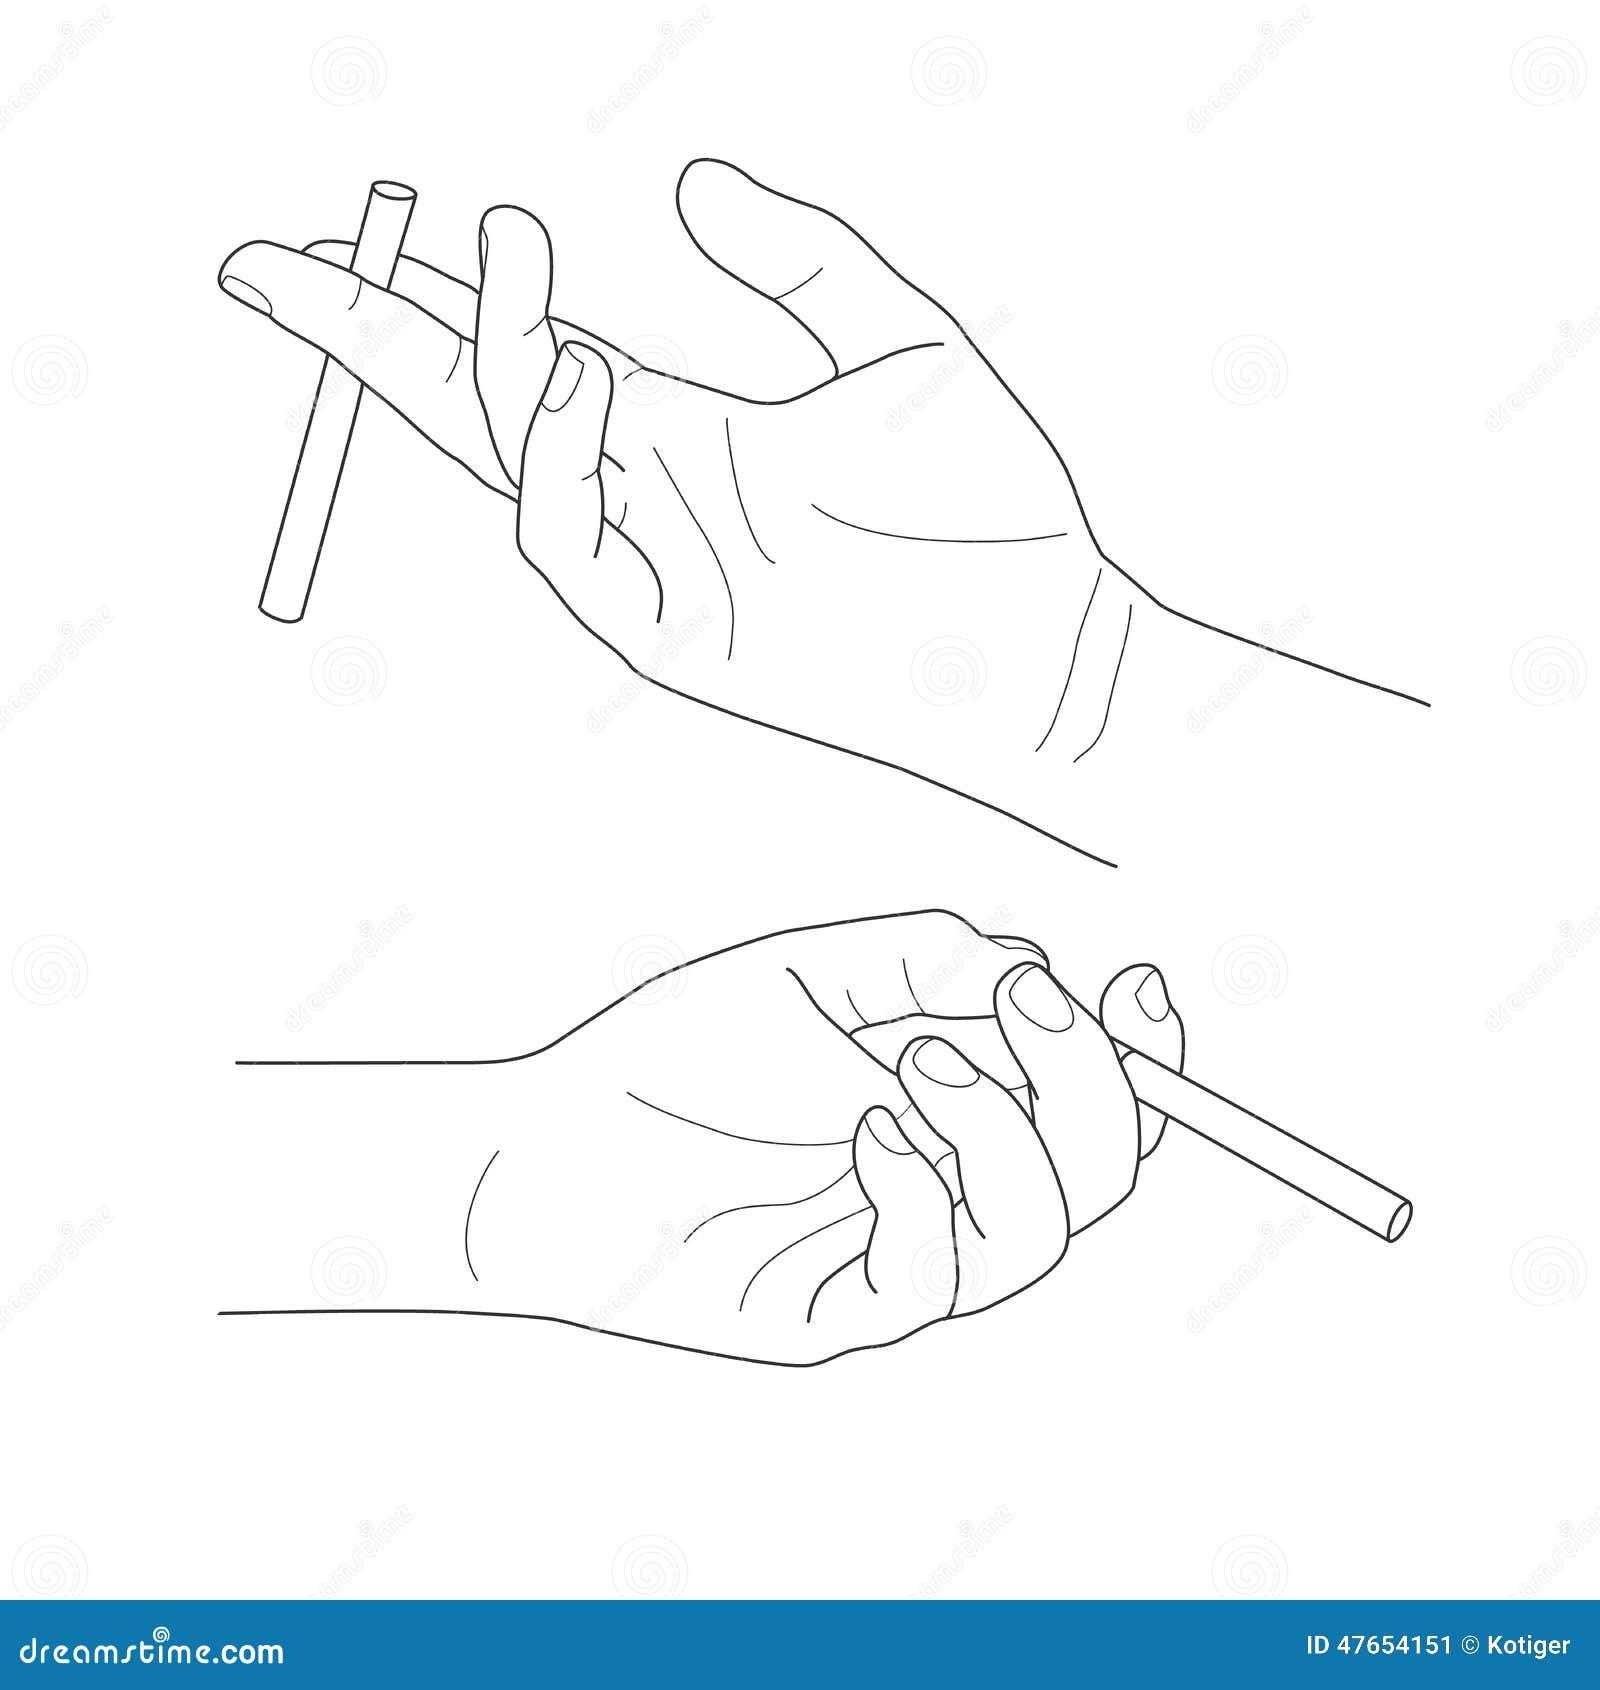 Рисунок руки держащая сигарету